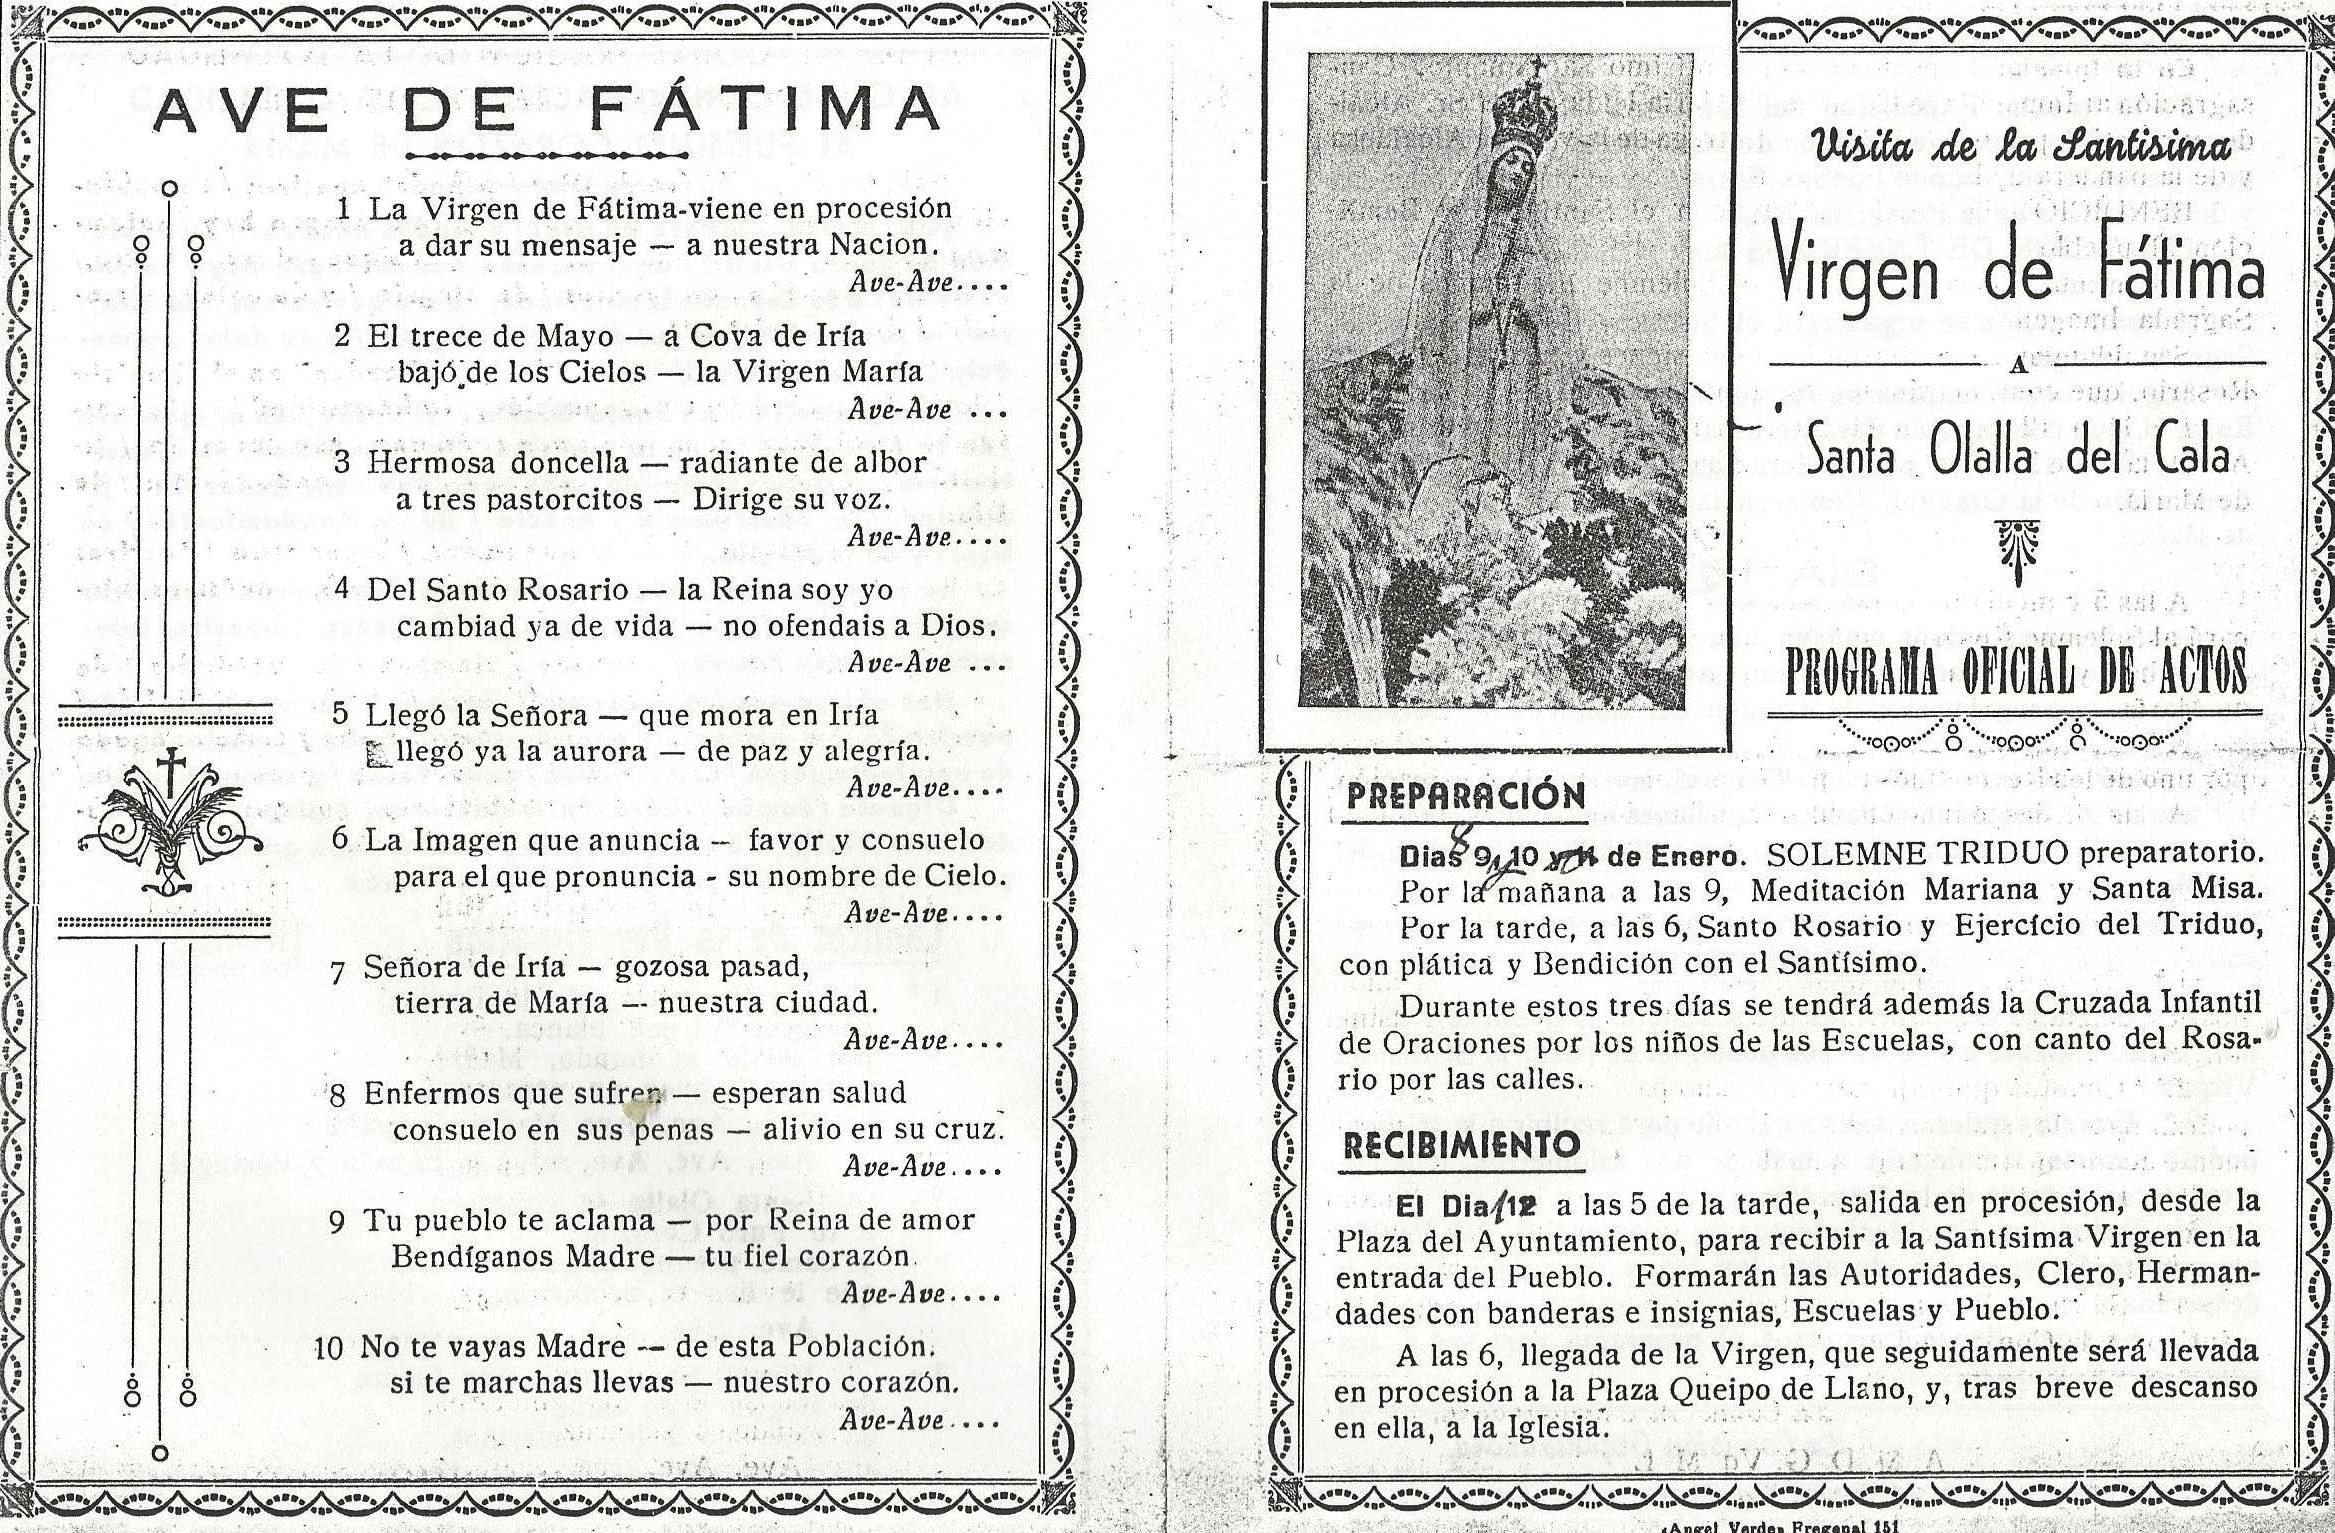 V-FATIMA_STA_OLALLA